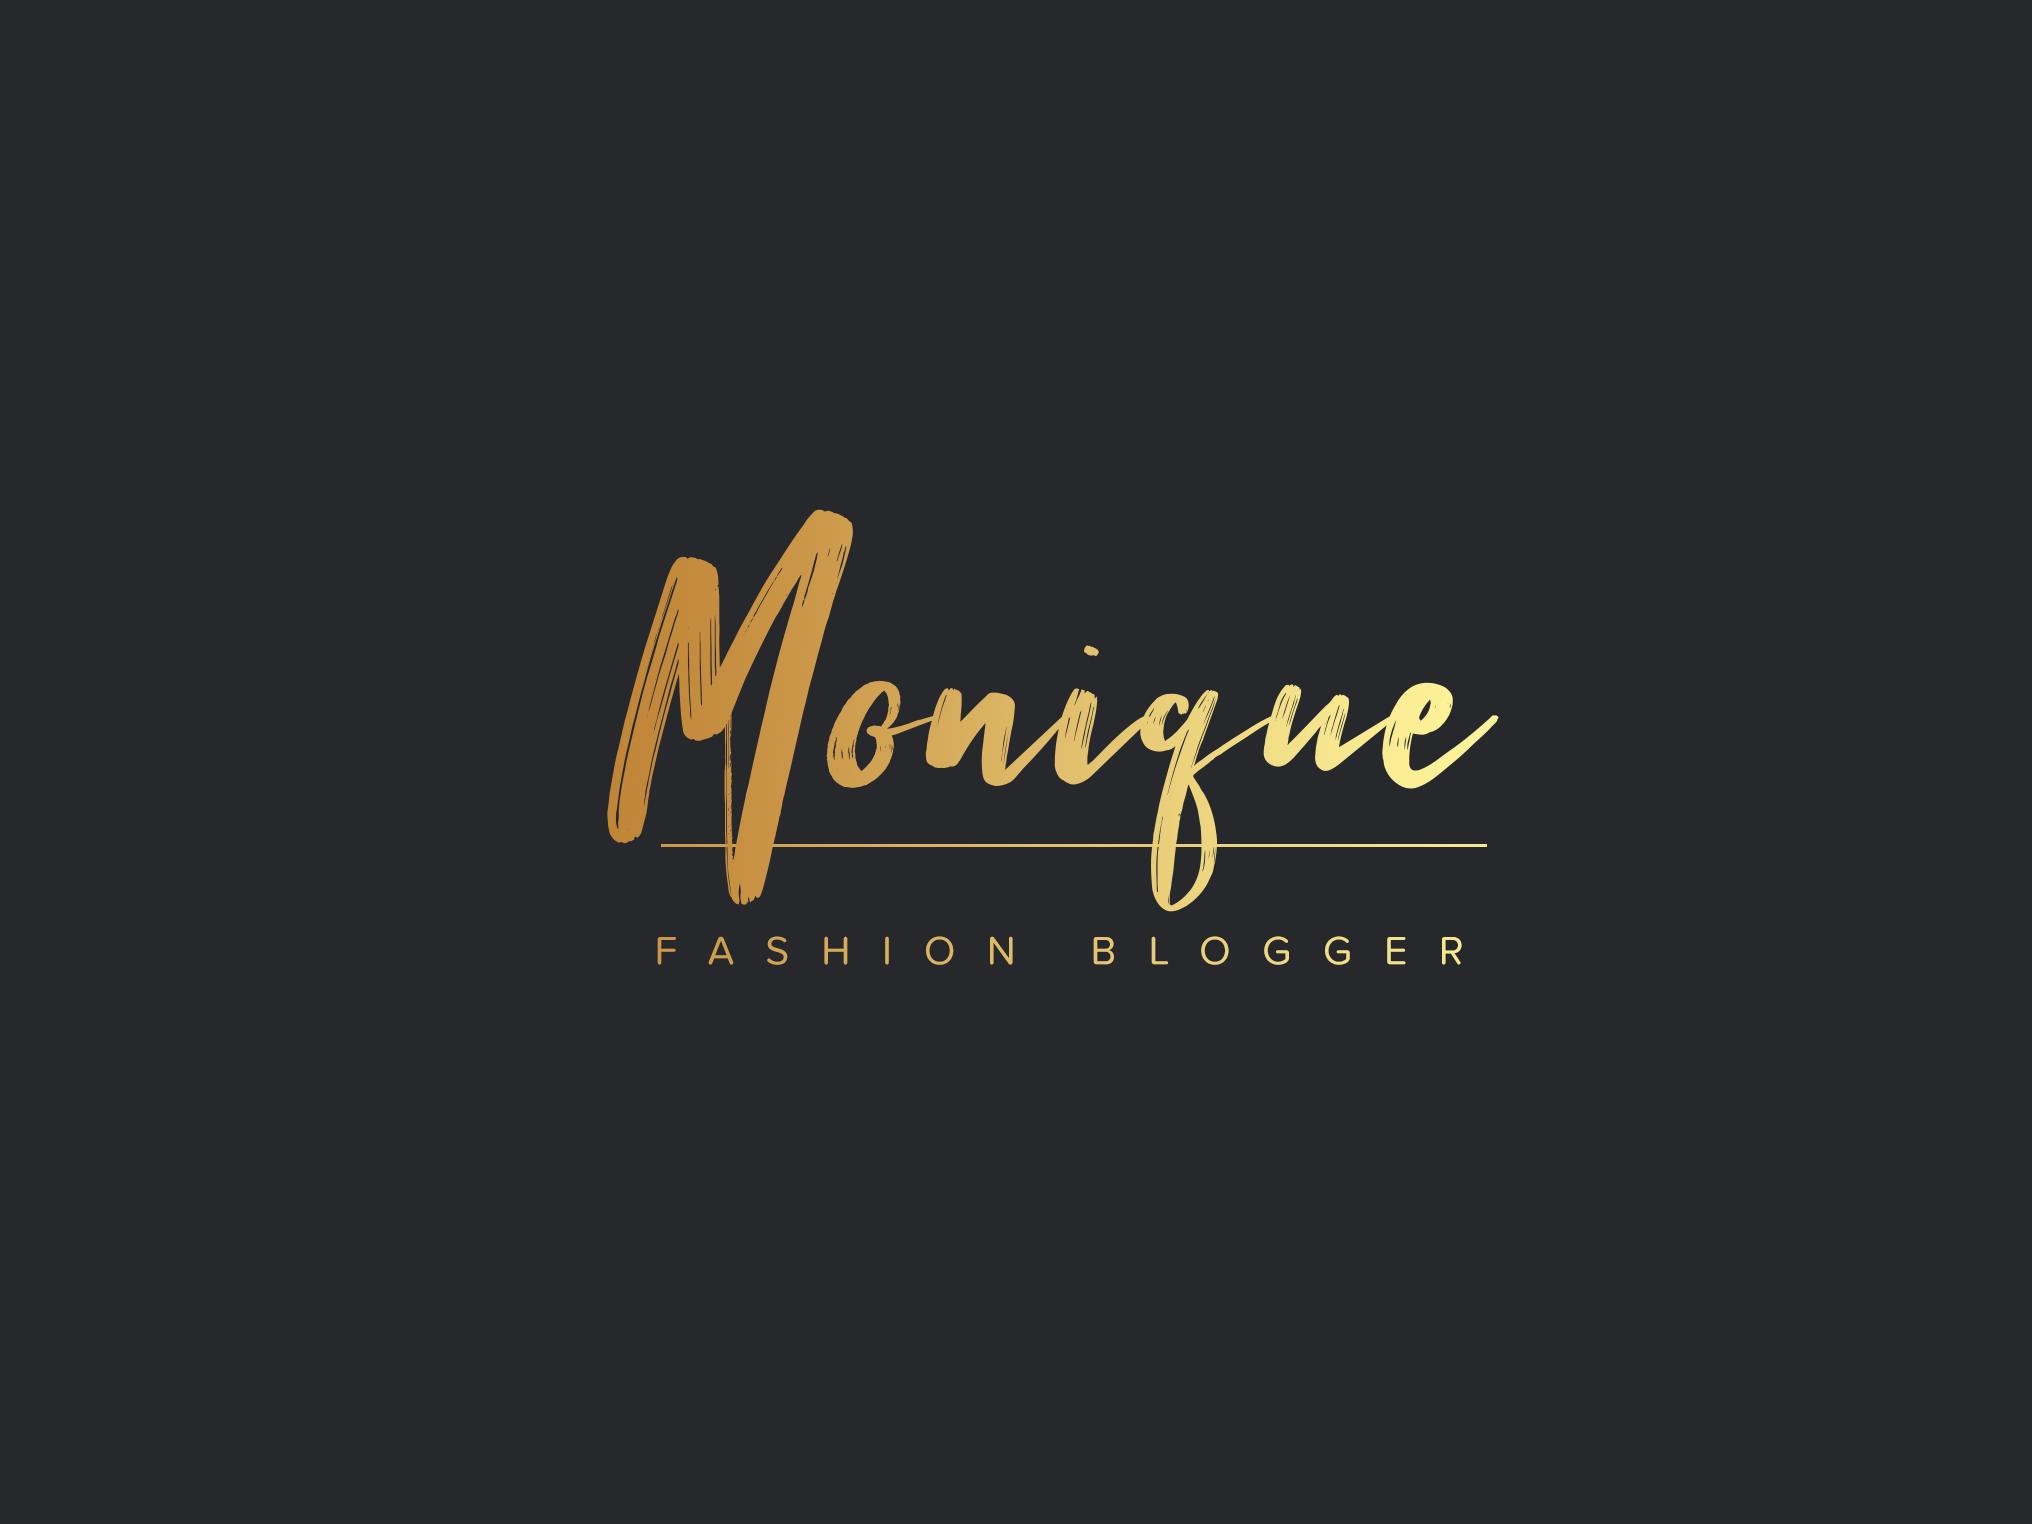 d5e1f2d42146 Creador de logos - Crear un logotipo genial online